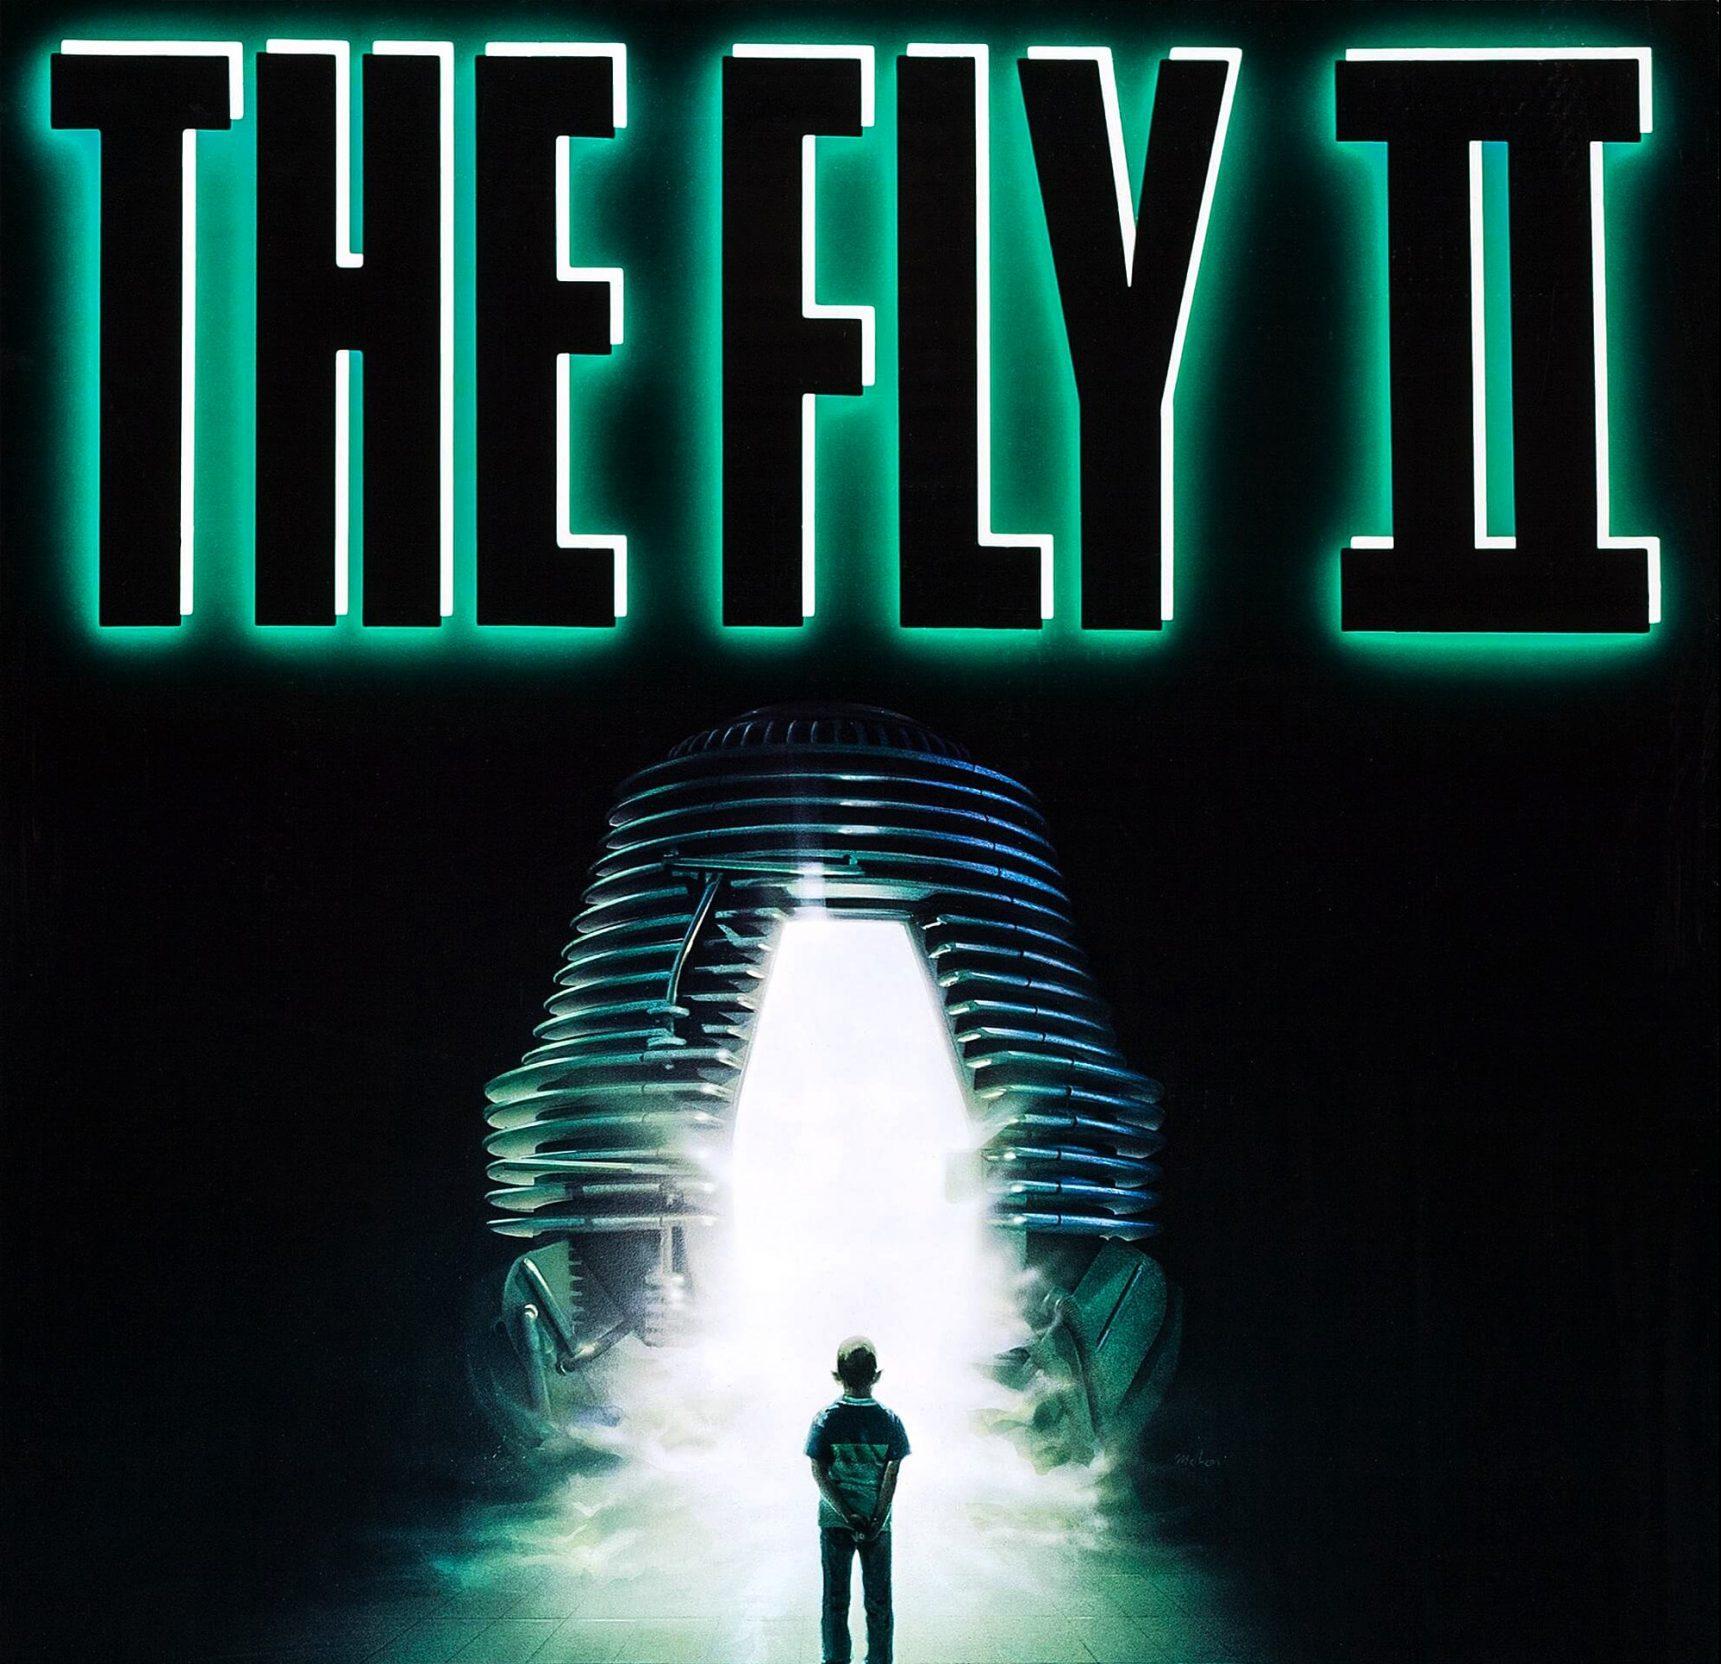 MV5BOTAyYjljNDctODg5Mi00YjYxLTk5MTMtZTk3MDk4NGZkN2MwXkEyXkFqcGdeQXVyMTQxNzMzNDI@. V1 scaled e1604417465310 20 Frightening Facts About The Fly